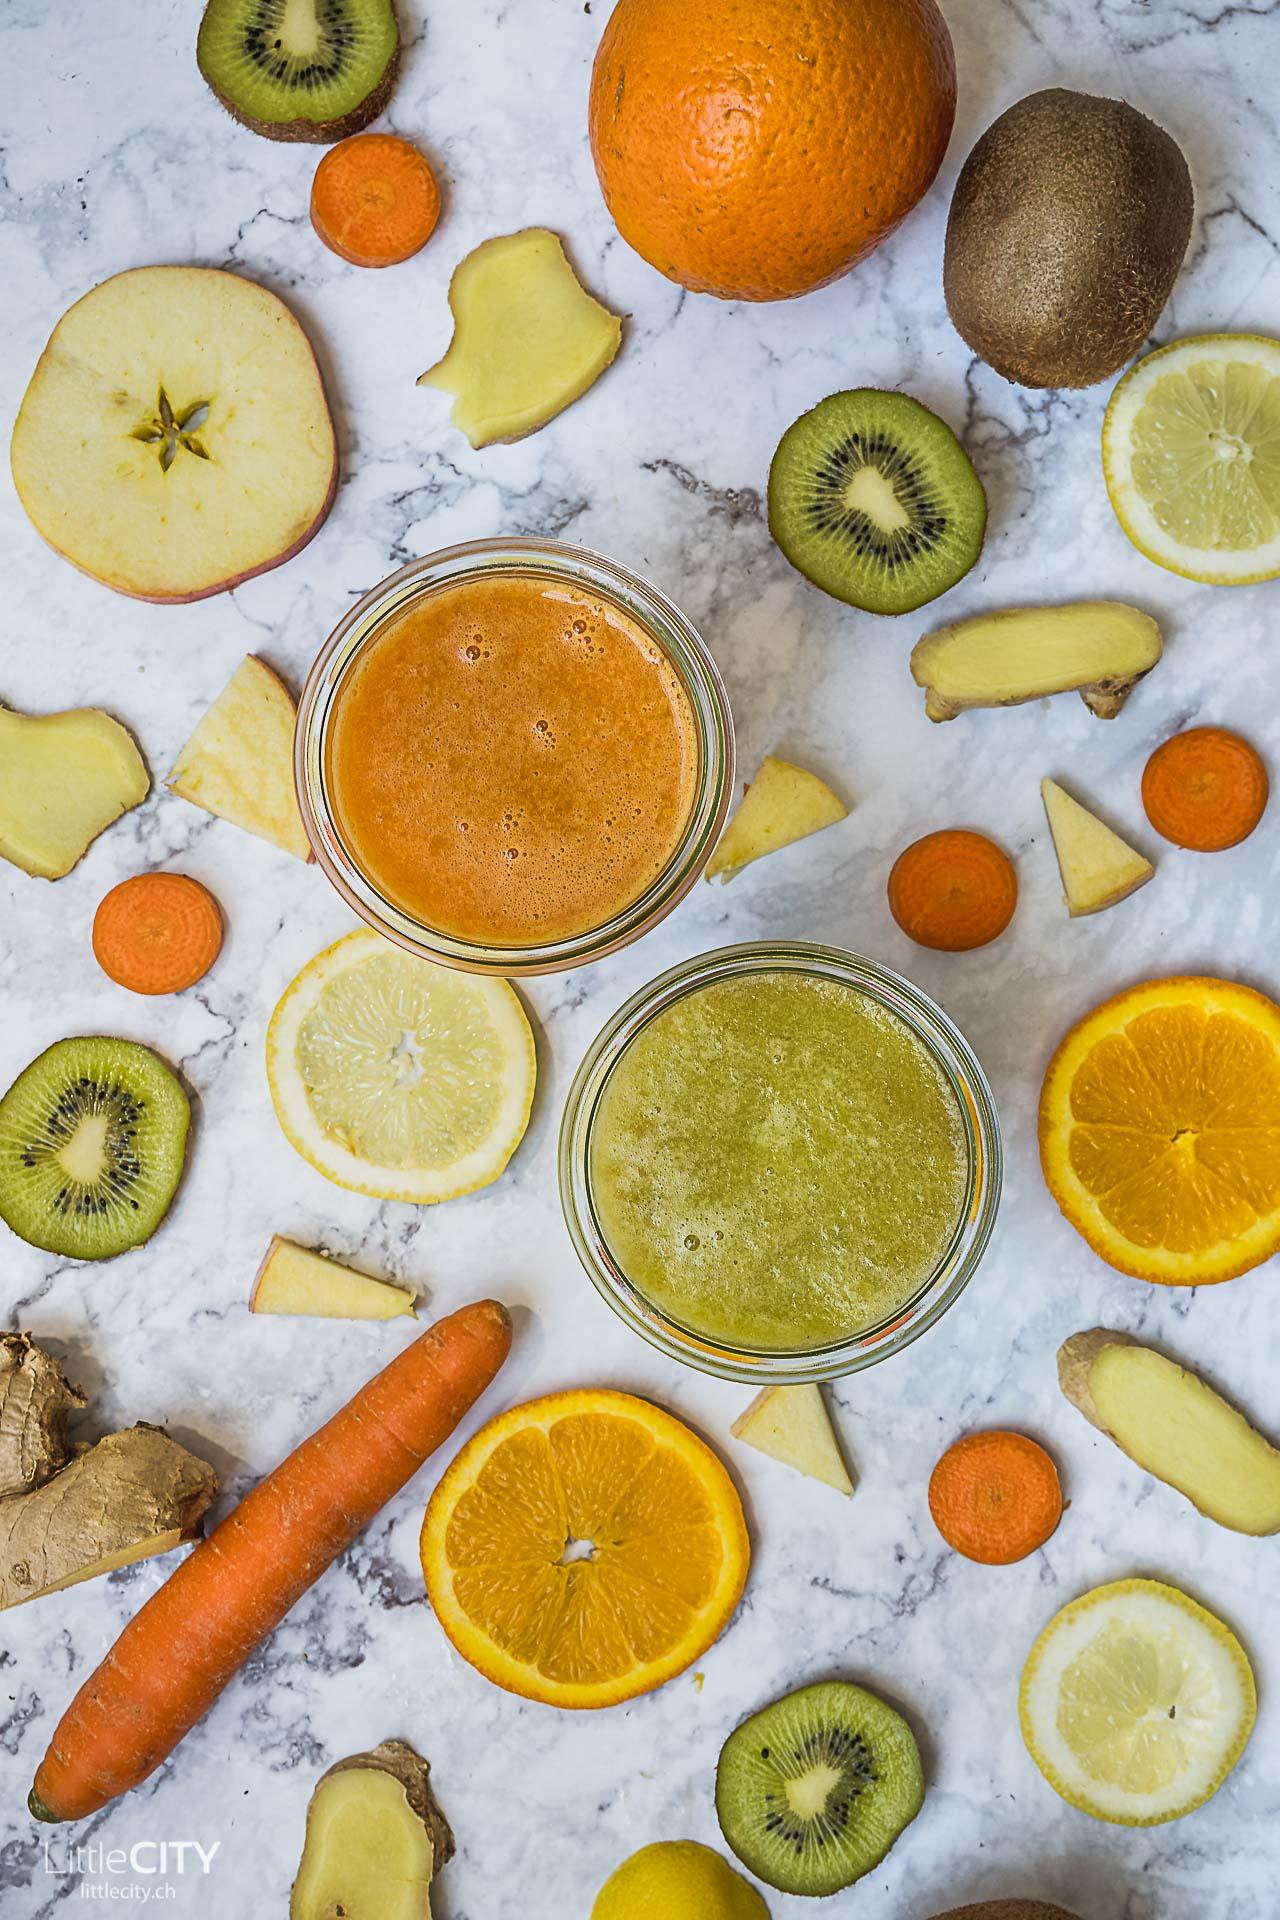 Slow Juicer Saft Rezepte mit Kiwi und Orangen, Karrotten und Apfel